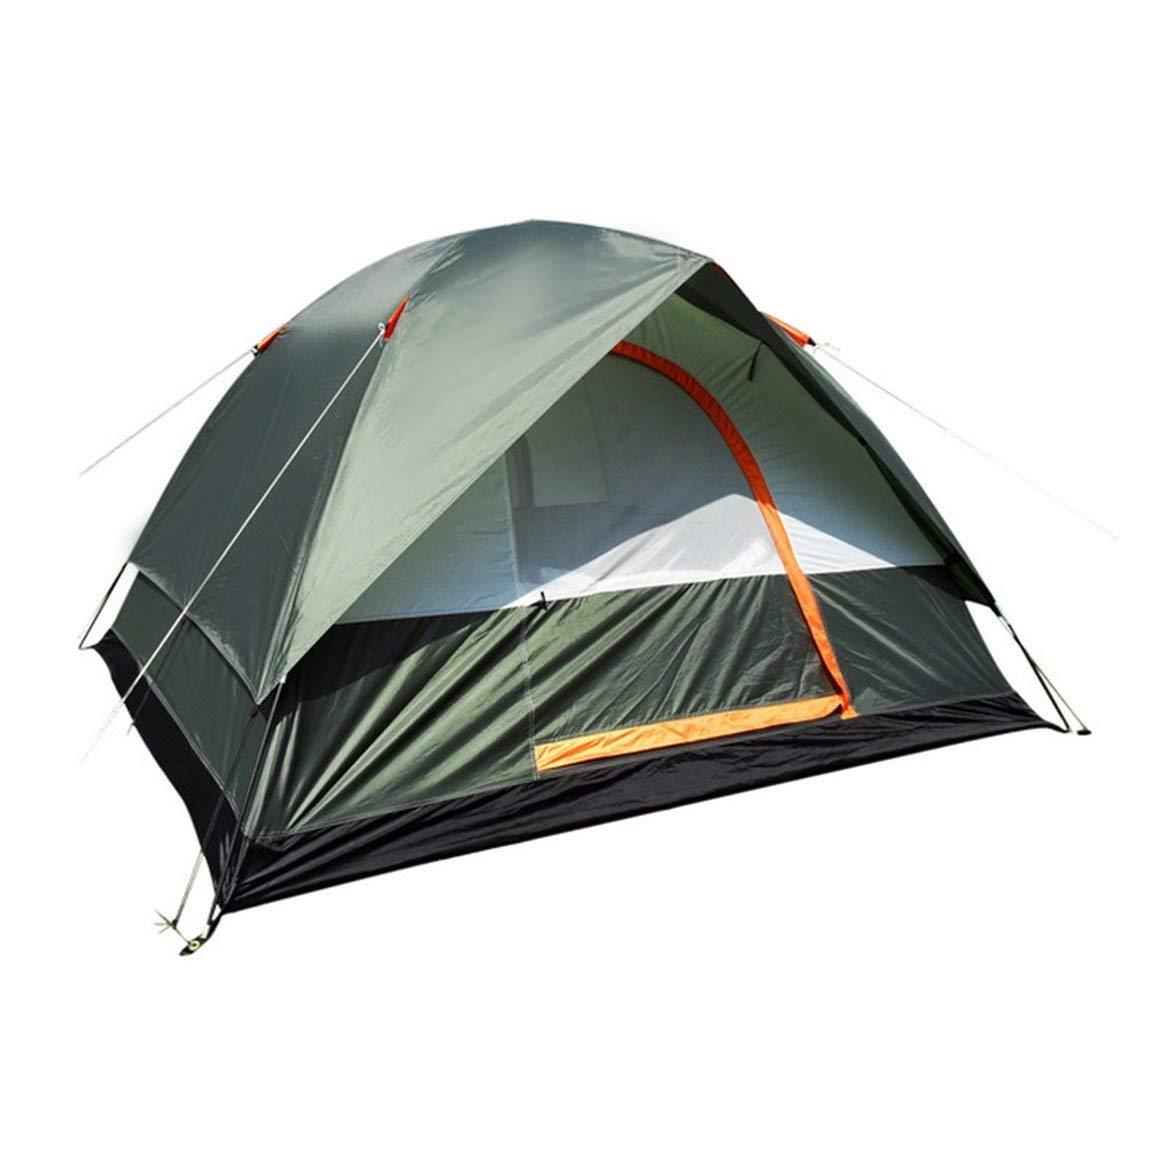 Camping Zelt wasserdicht Dual Layer, Tragbare Falten Wasserdichte Outdoor Zelt Ideal Schutz für Gelegenheits Family Camping, Wandern, Außengebrauch, für 3 4 Personen